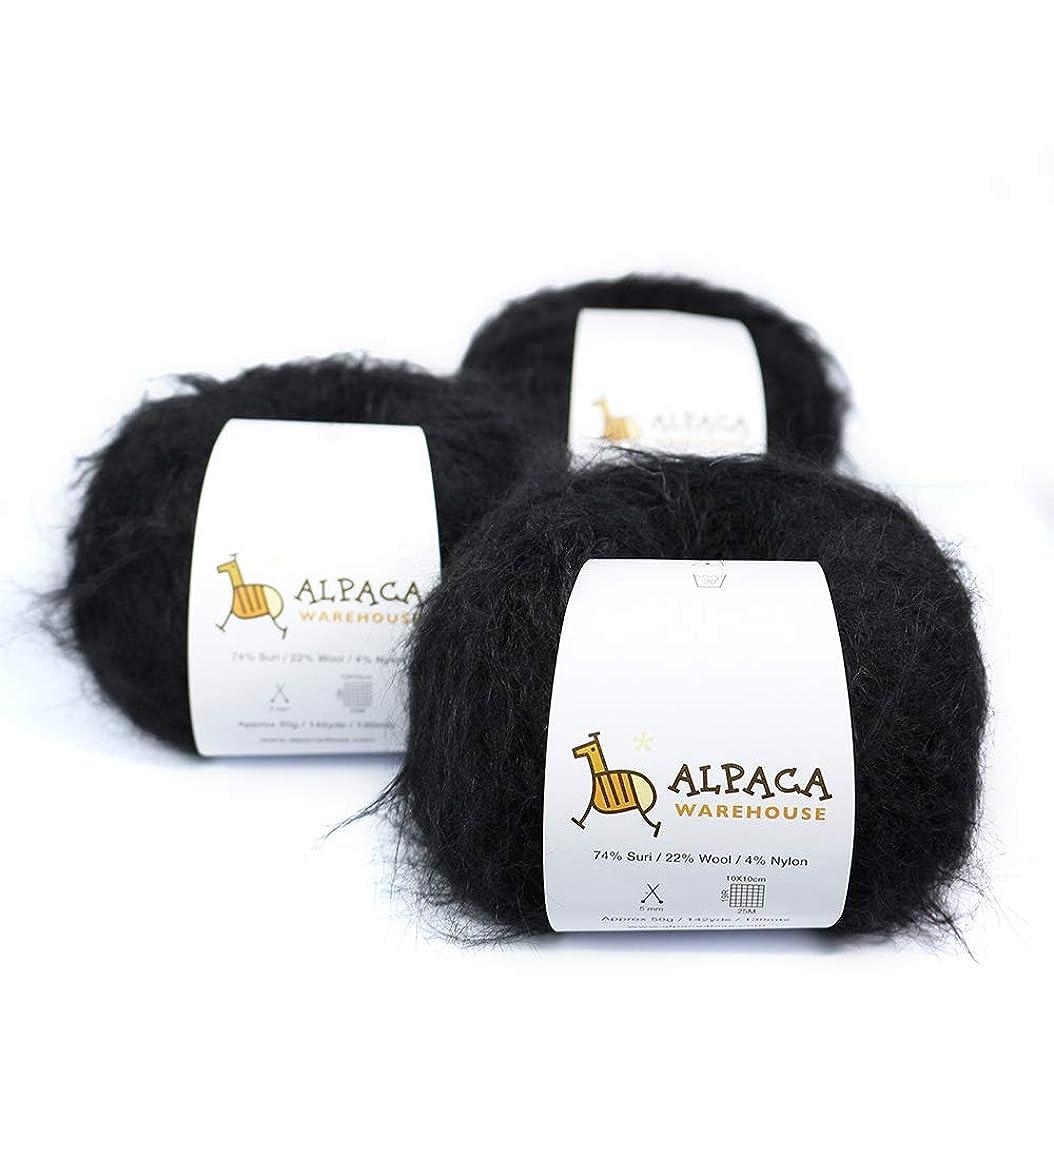 Superfine Suri Alpaca Yarn Wool Set of 3 Skeins Sport Weight (Black)